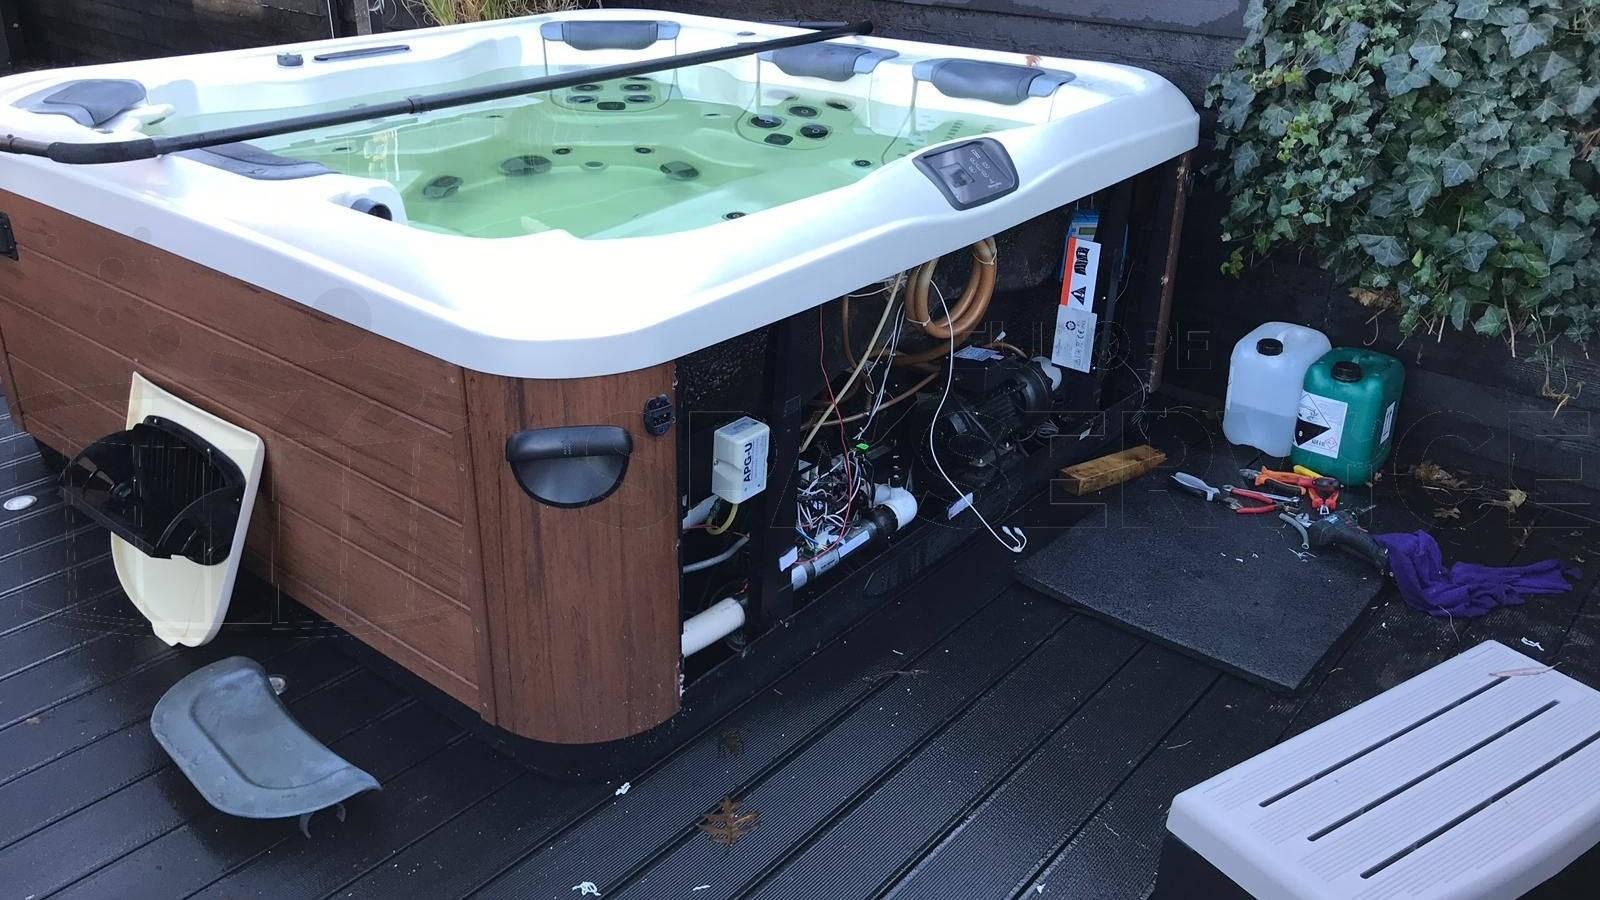 Waterbehandelingssysteem ingebouwd in een Villeroy & Boch A7L spa in Loosdrecht